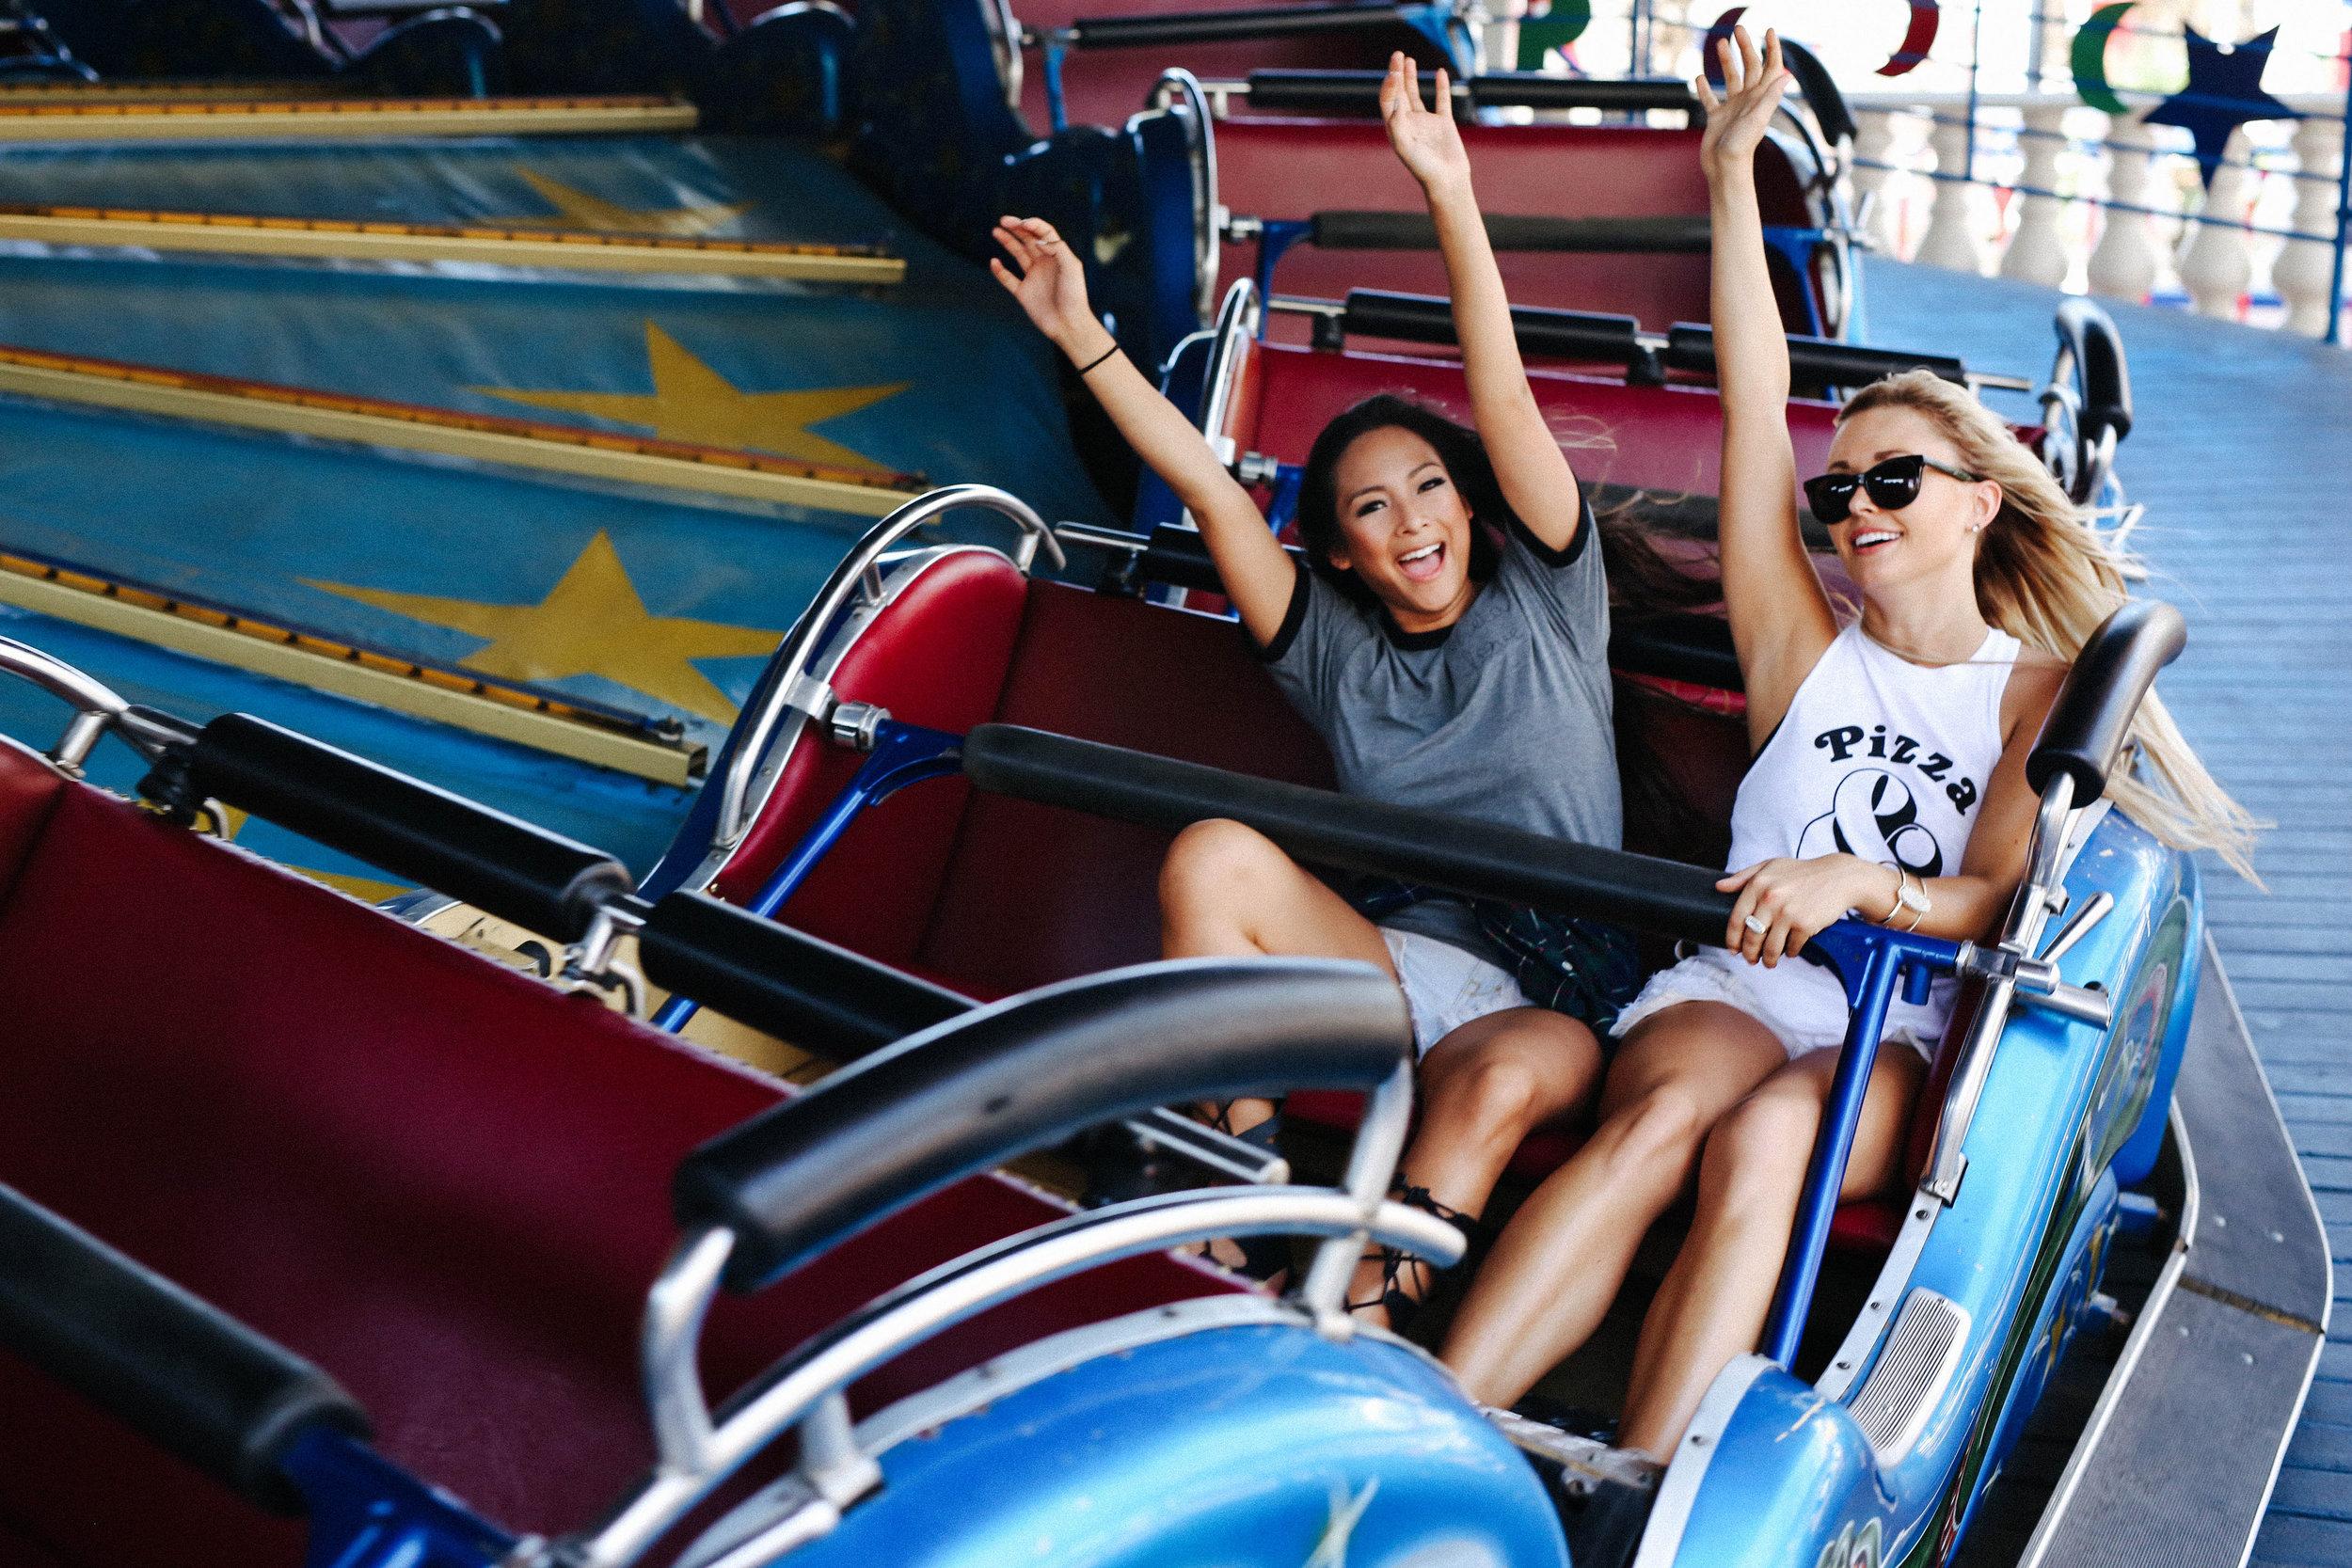 Image of two girls having fun on magic carpet ride.